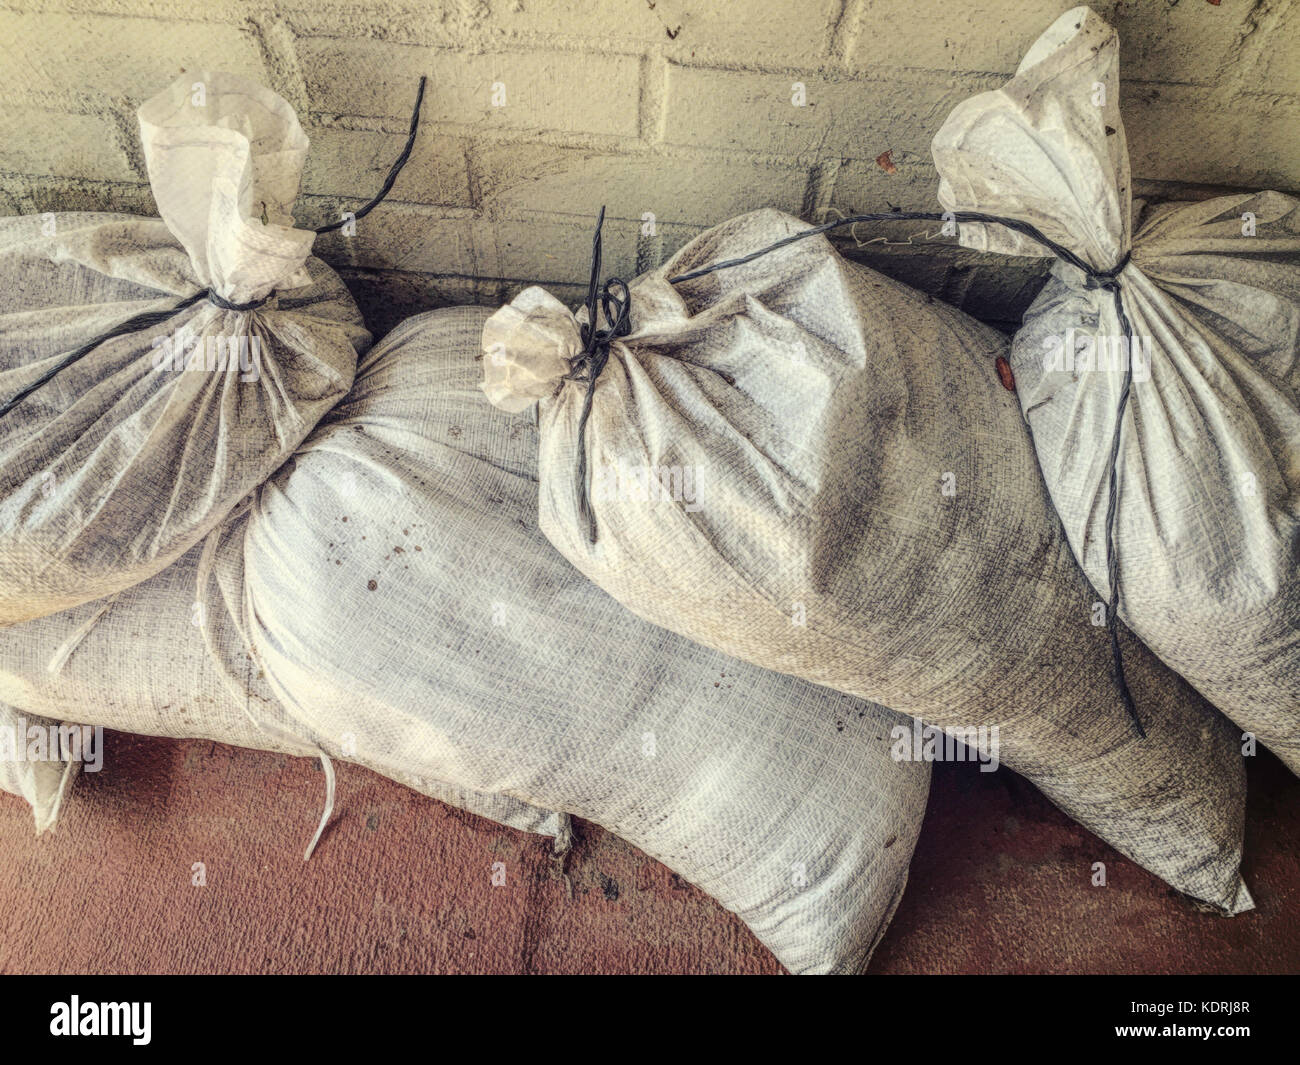 pre-filled Sandbags, USA - Stock Image